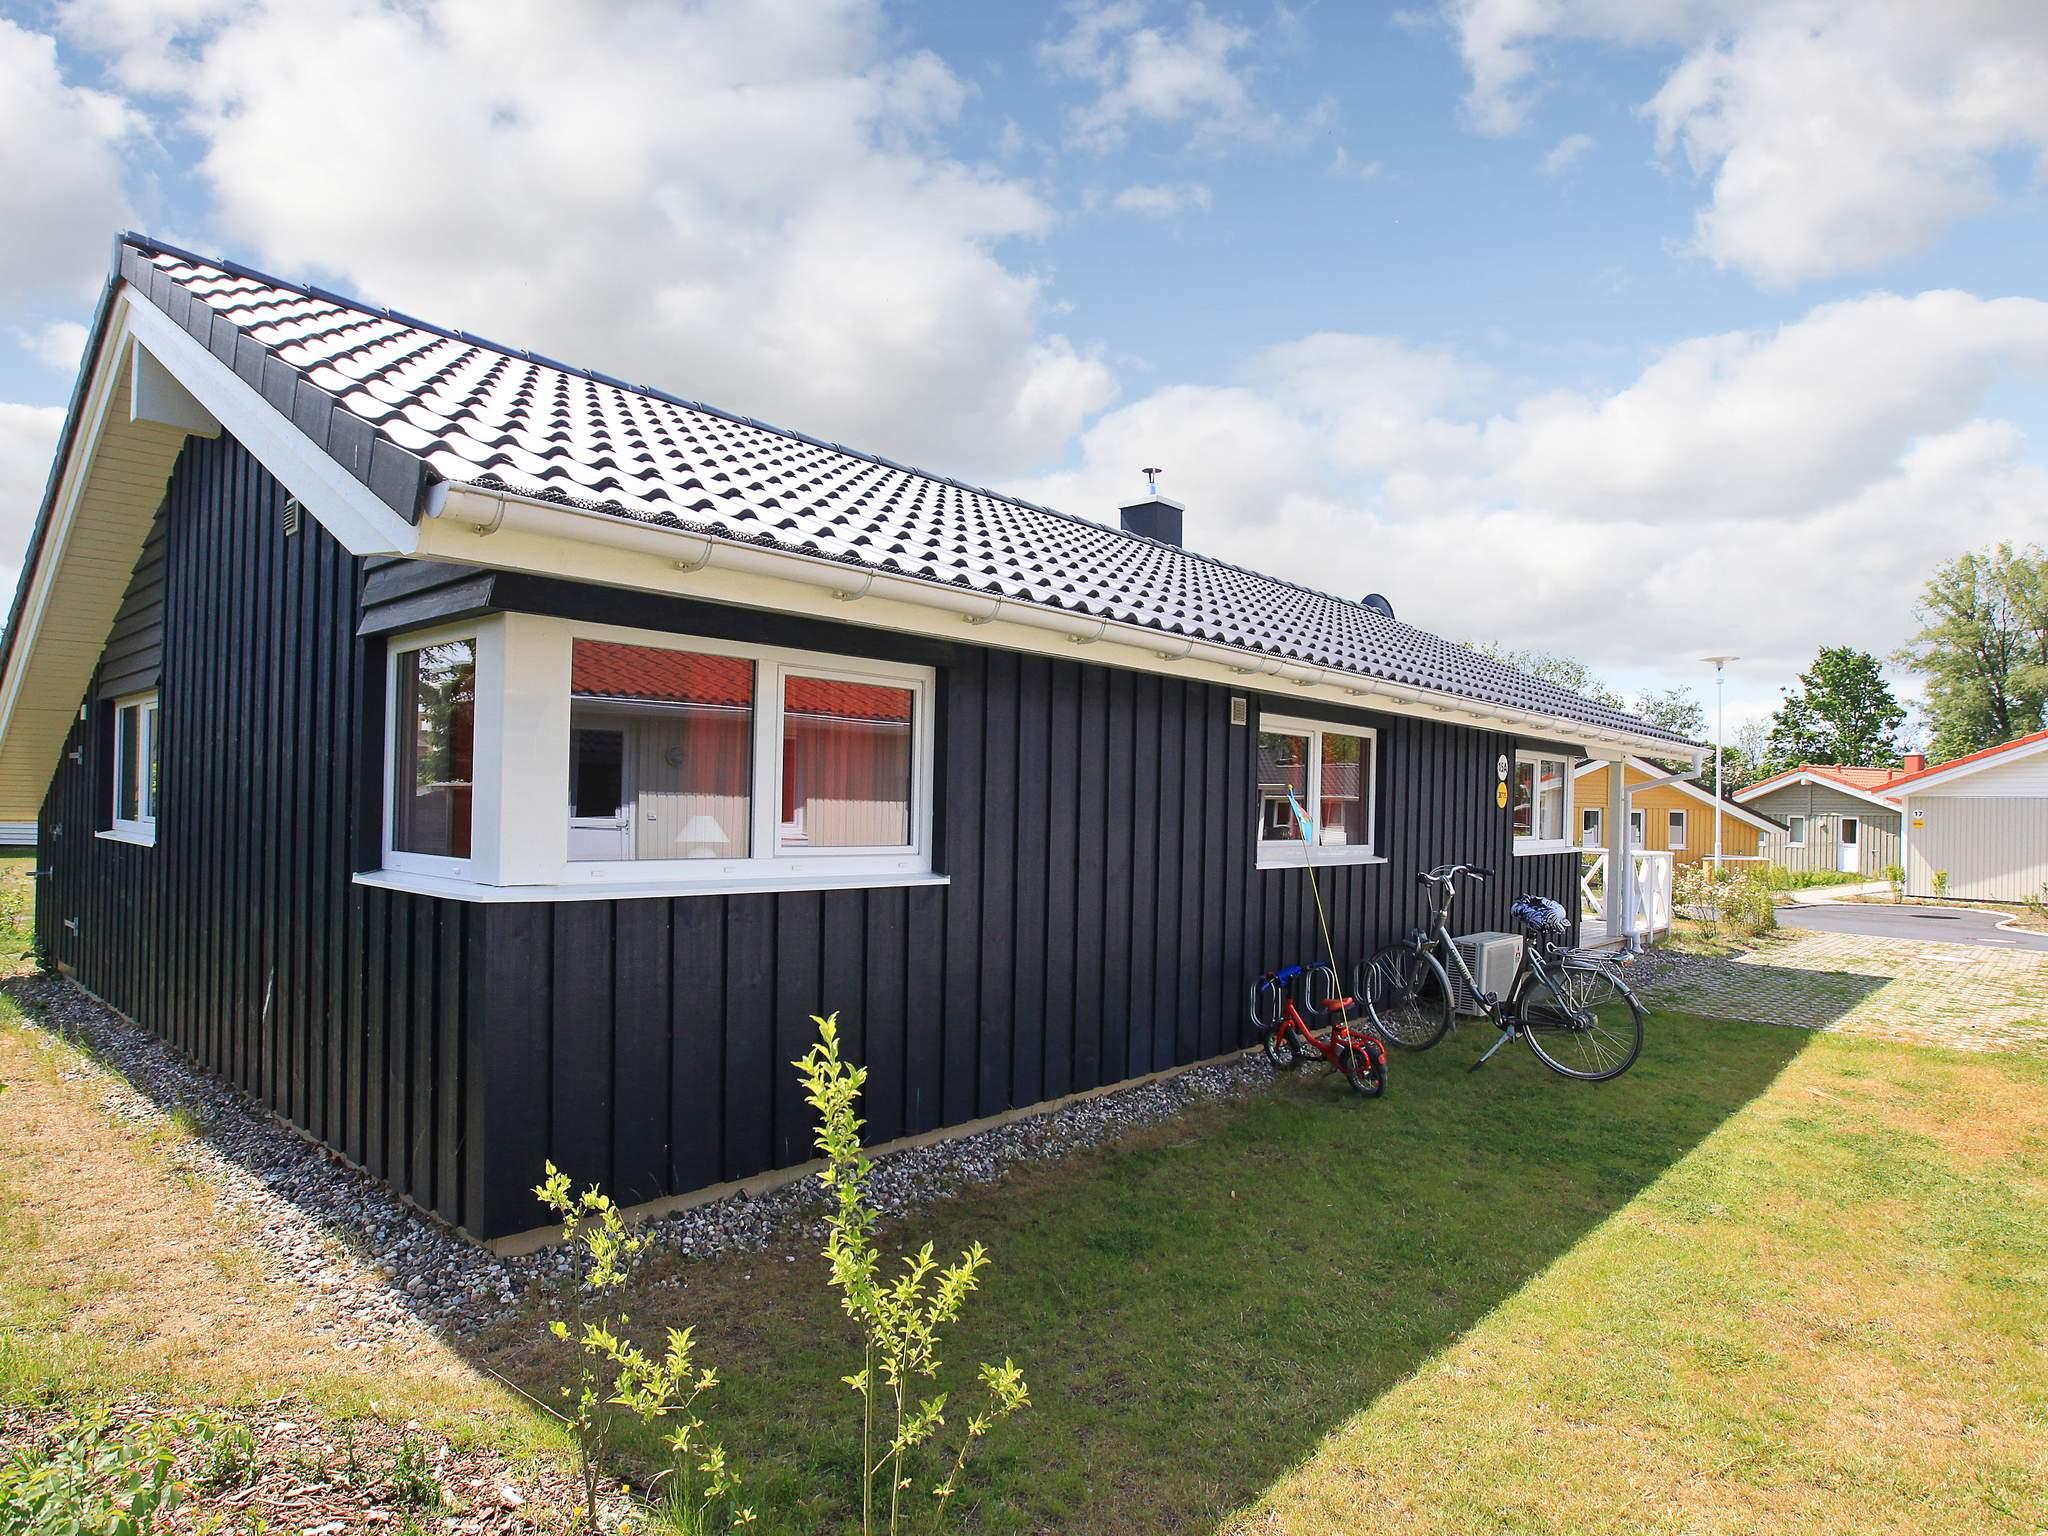 Maison de vacances Grömitz (433402), Grömitz, Baie de Lübeck, Schleswig-Holstein, Allemagne, image 14